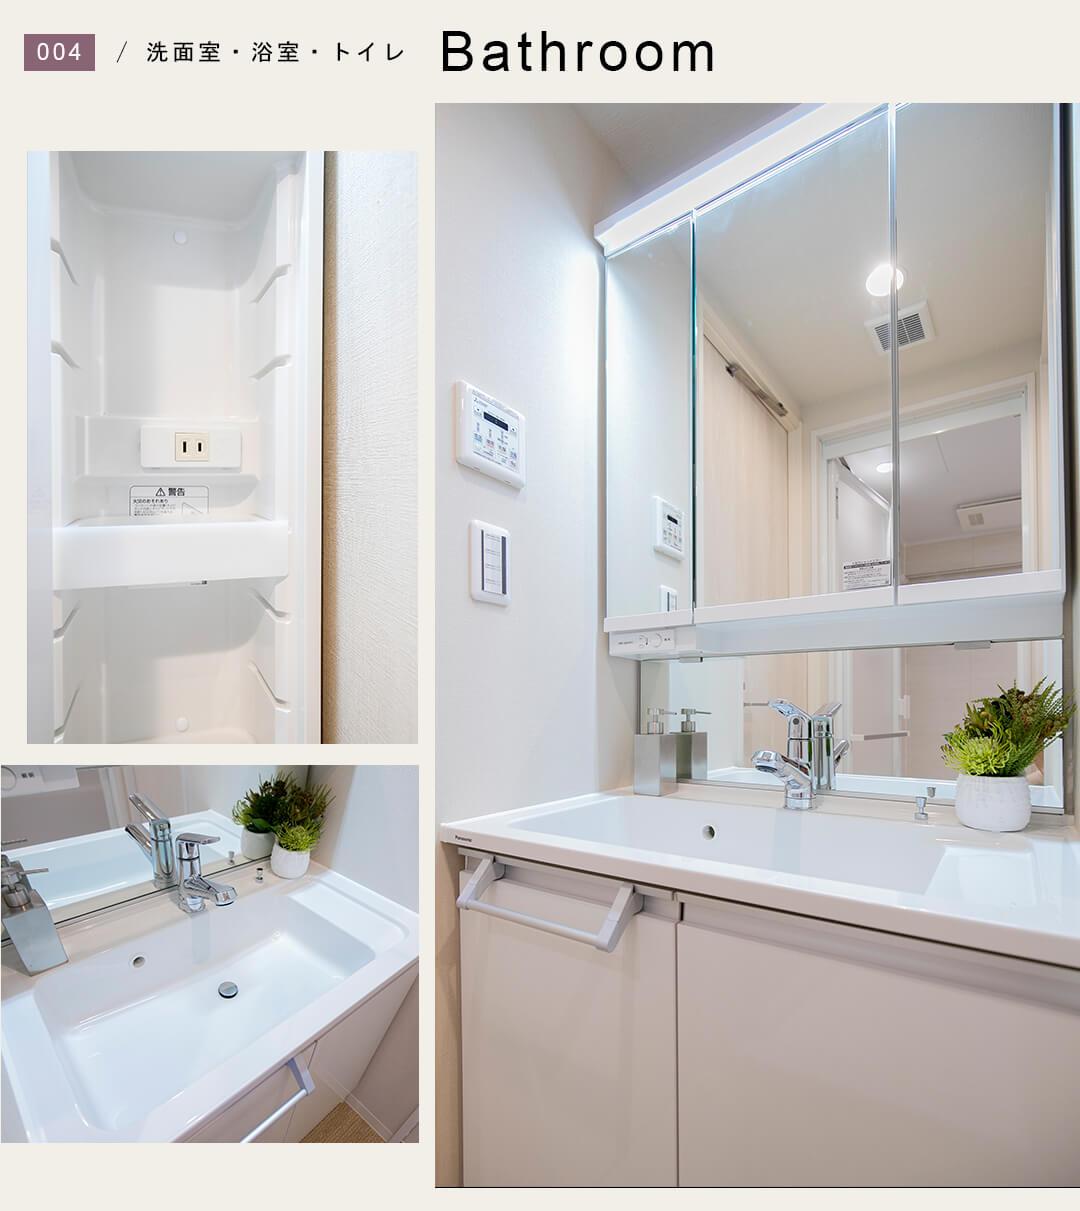 アビテ市ヶ谷仲之町の洗面室